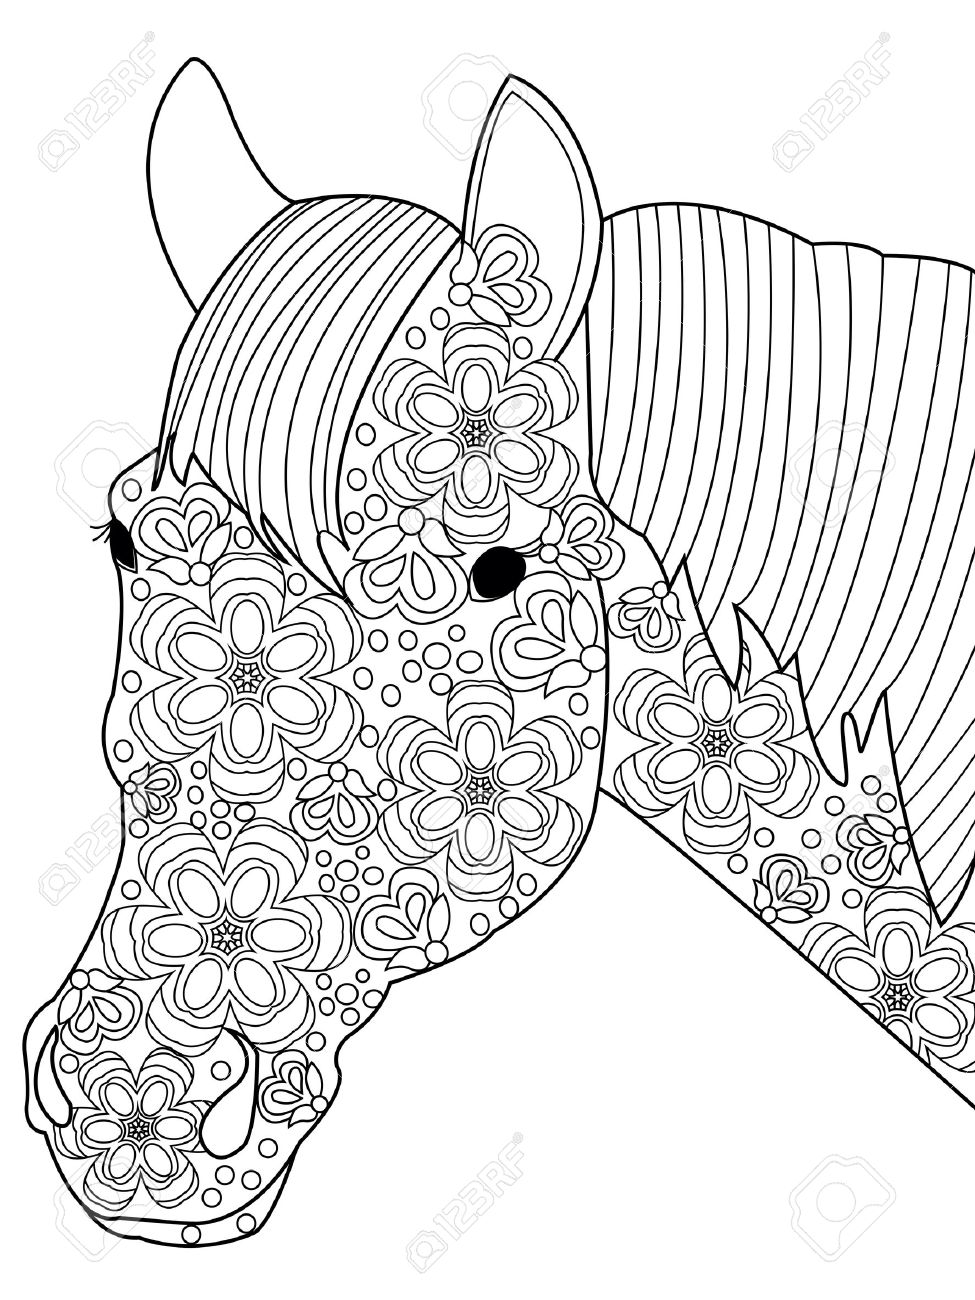 Coloriage Adulte Cheval.Tete Livre A Colorier De Cheval Pour Les Adultes Illustration